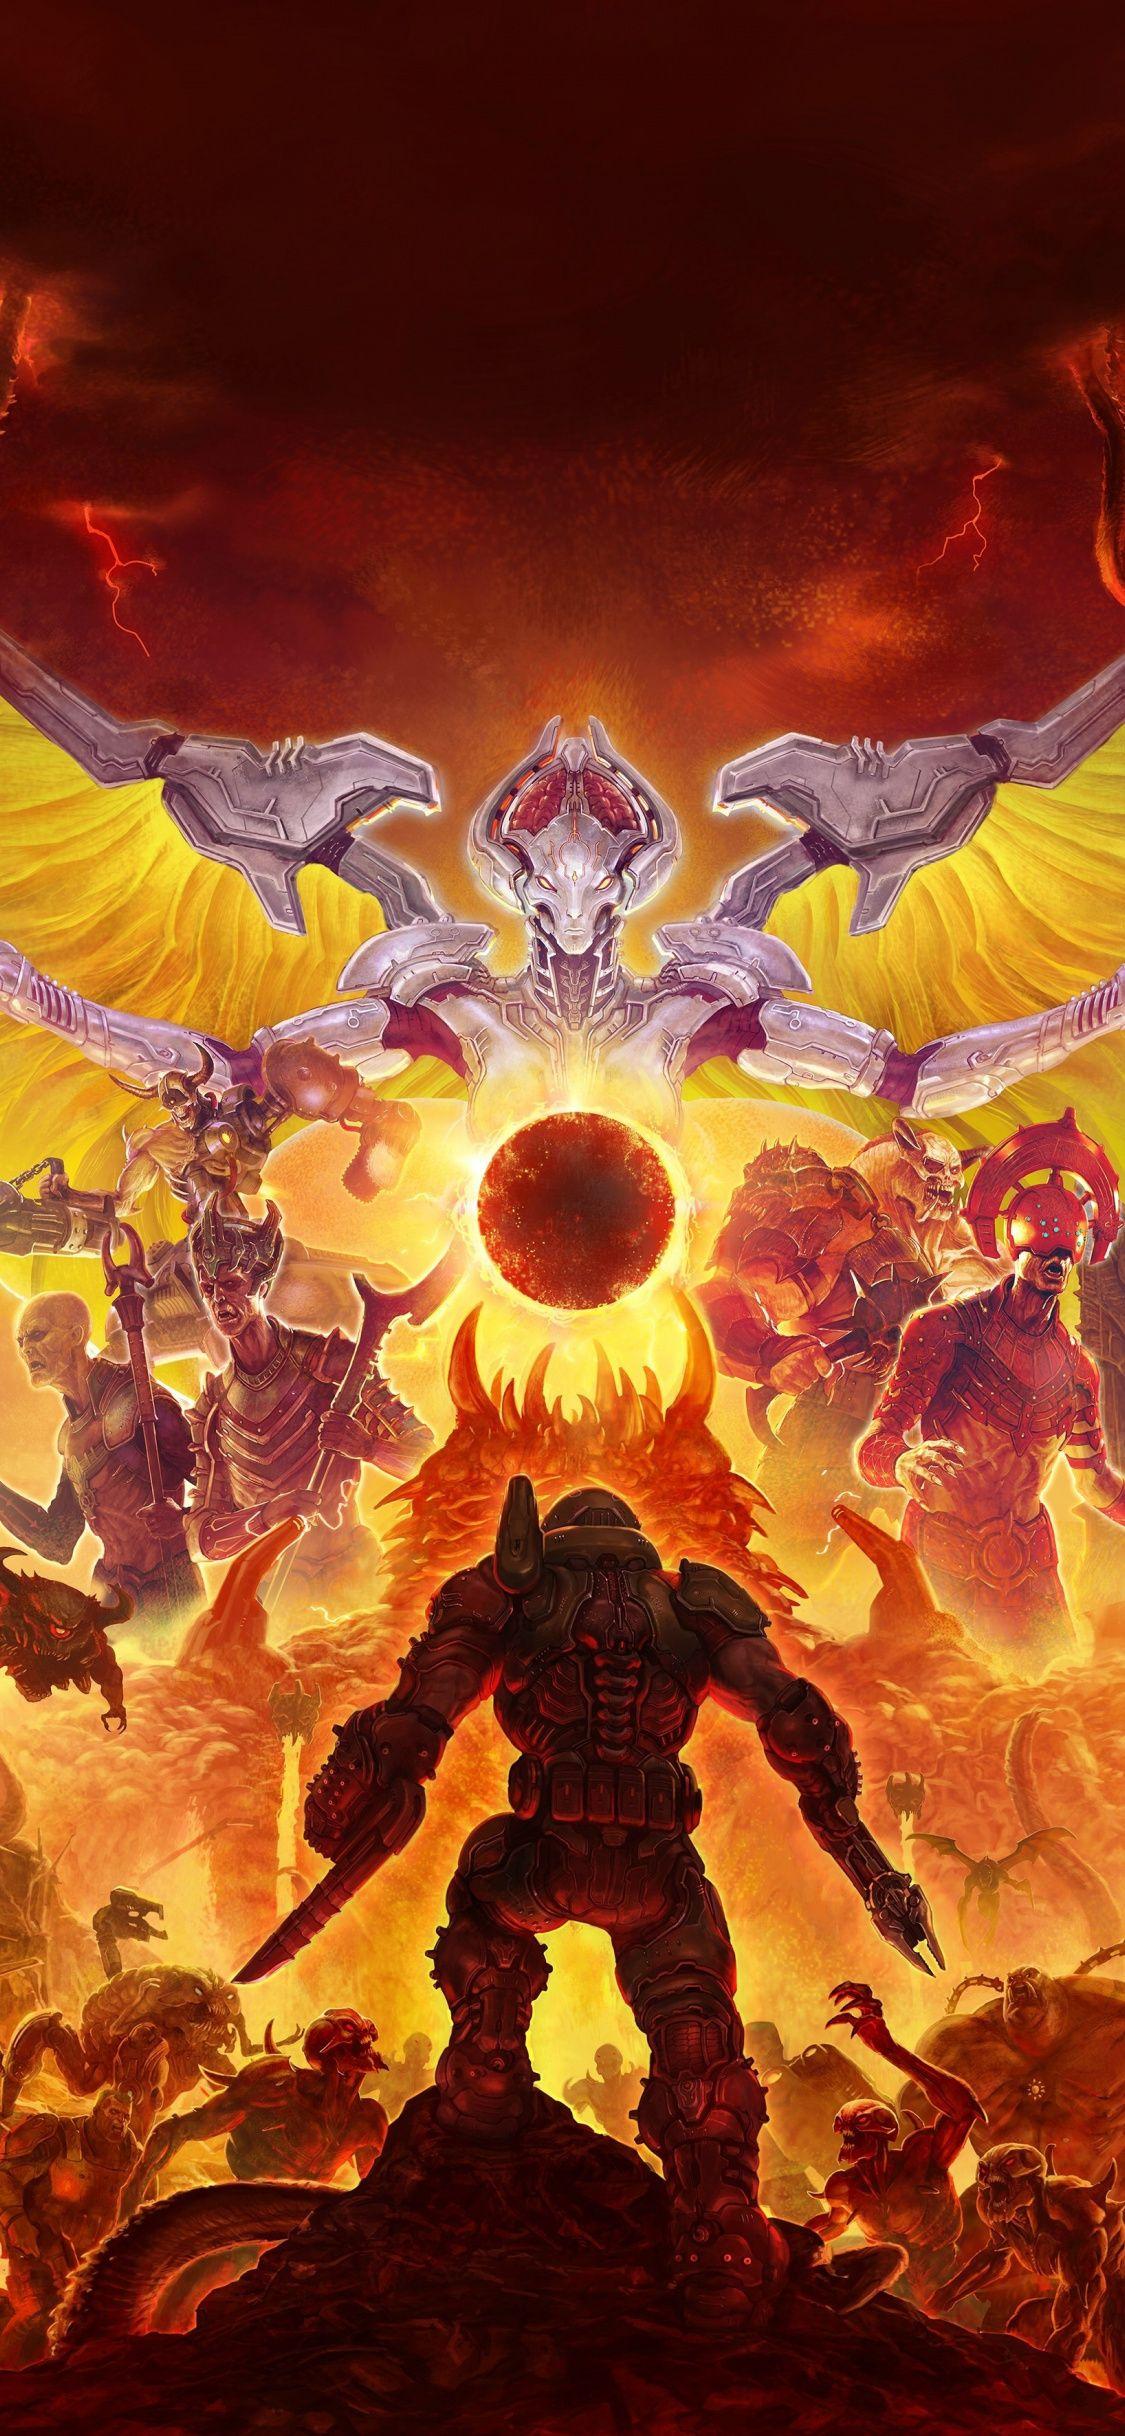 125x2436 Game, warriors, Doom Eternal, 2019 wallpaper